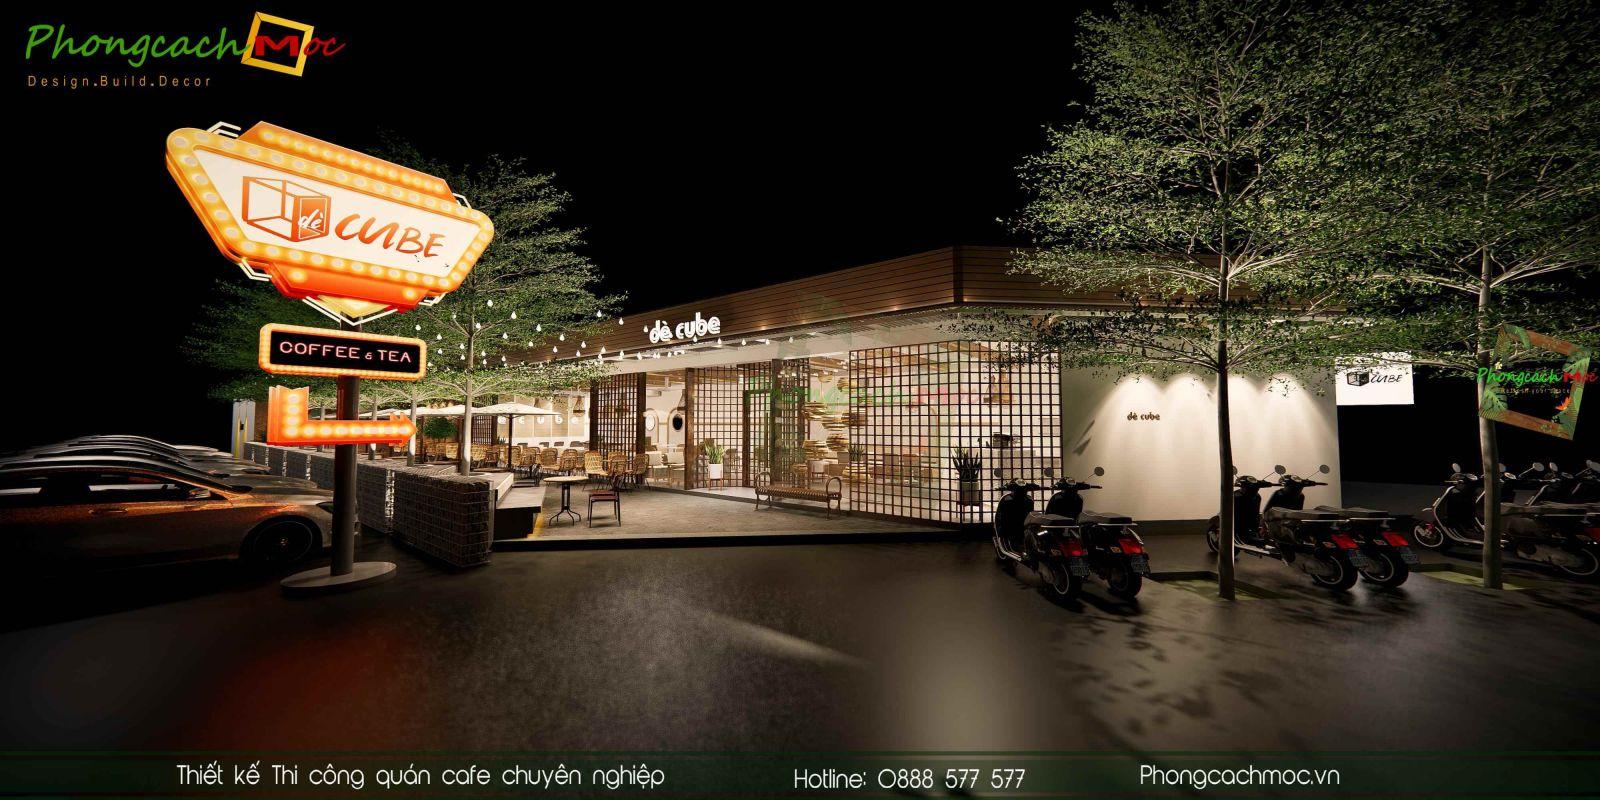 Thiet-ke-quan-cafe-De-Cube-Dong-Nai6